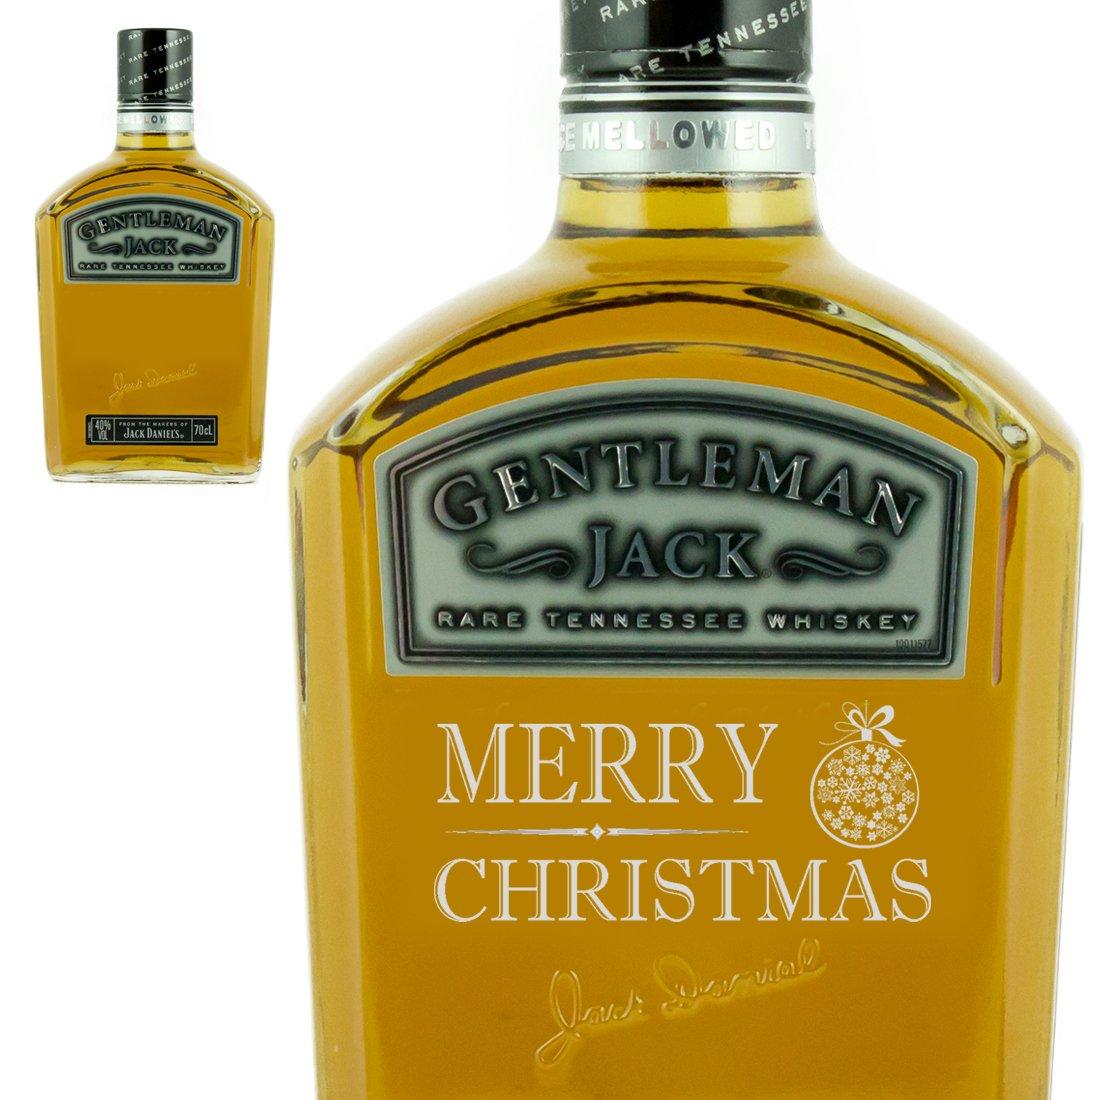 Personalised Christmas Gift bottle of Jack Daniels Gentleman Jack ...